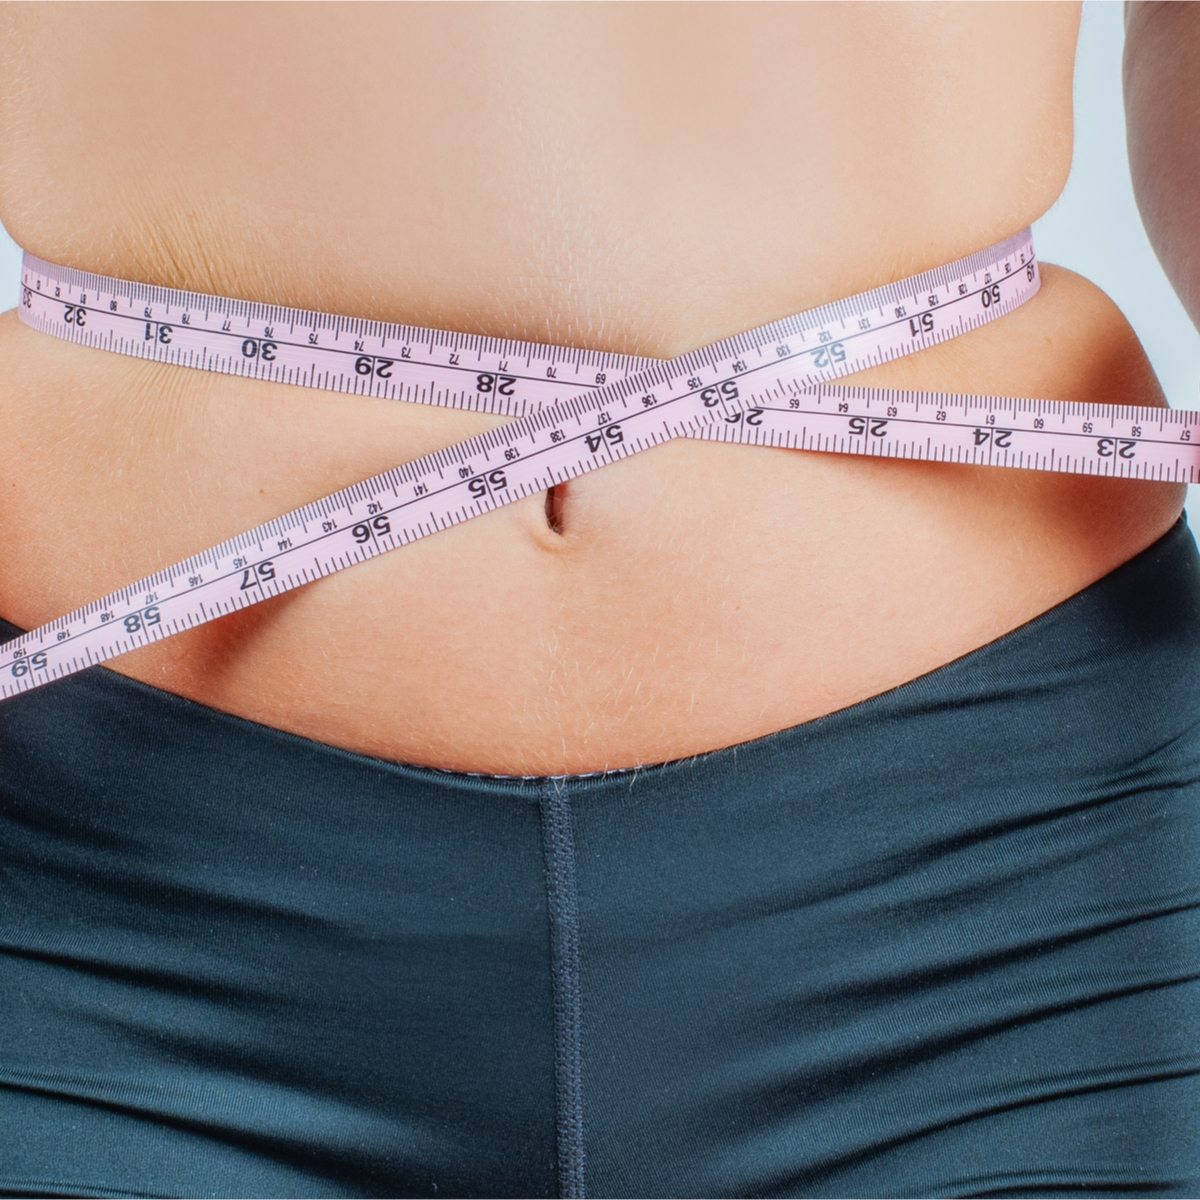 pierderea in greutate a saliilor de talie)